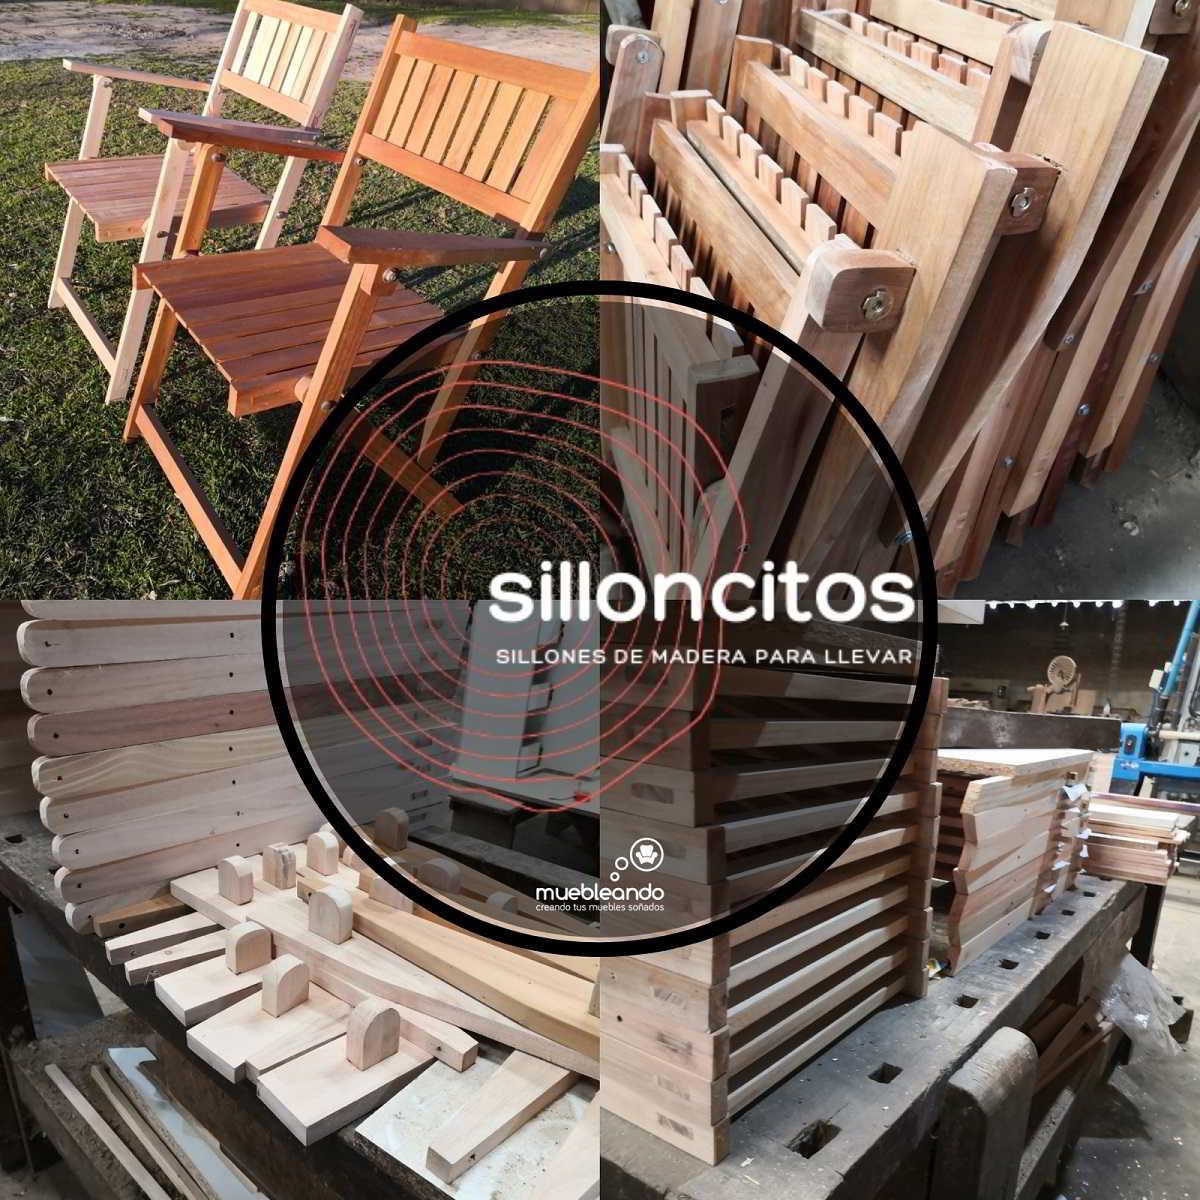 sillones de madera plegables silloncitos muebleando